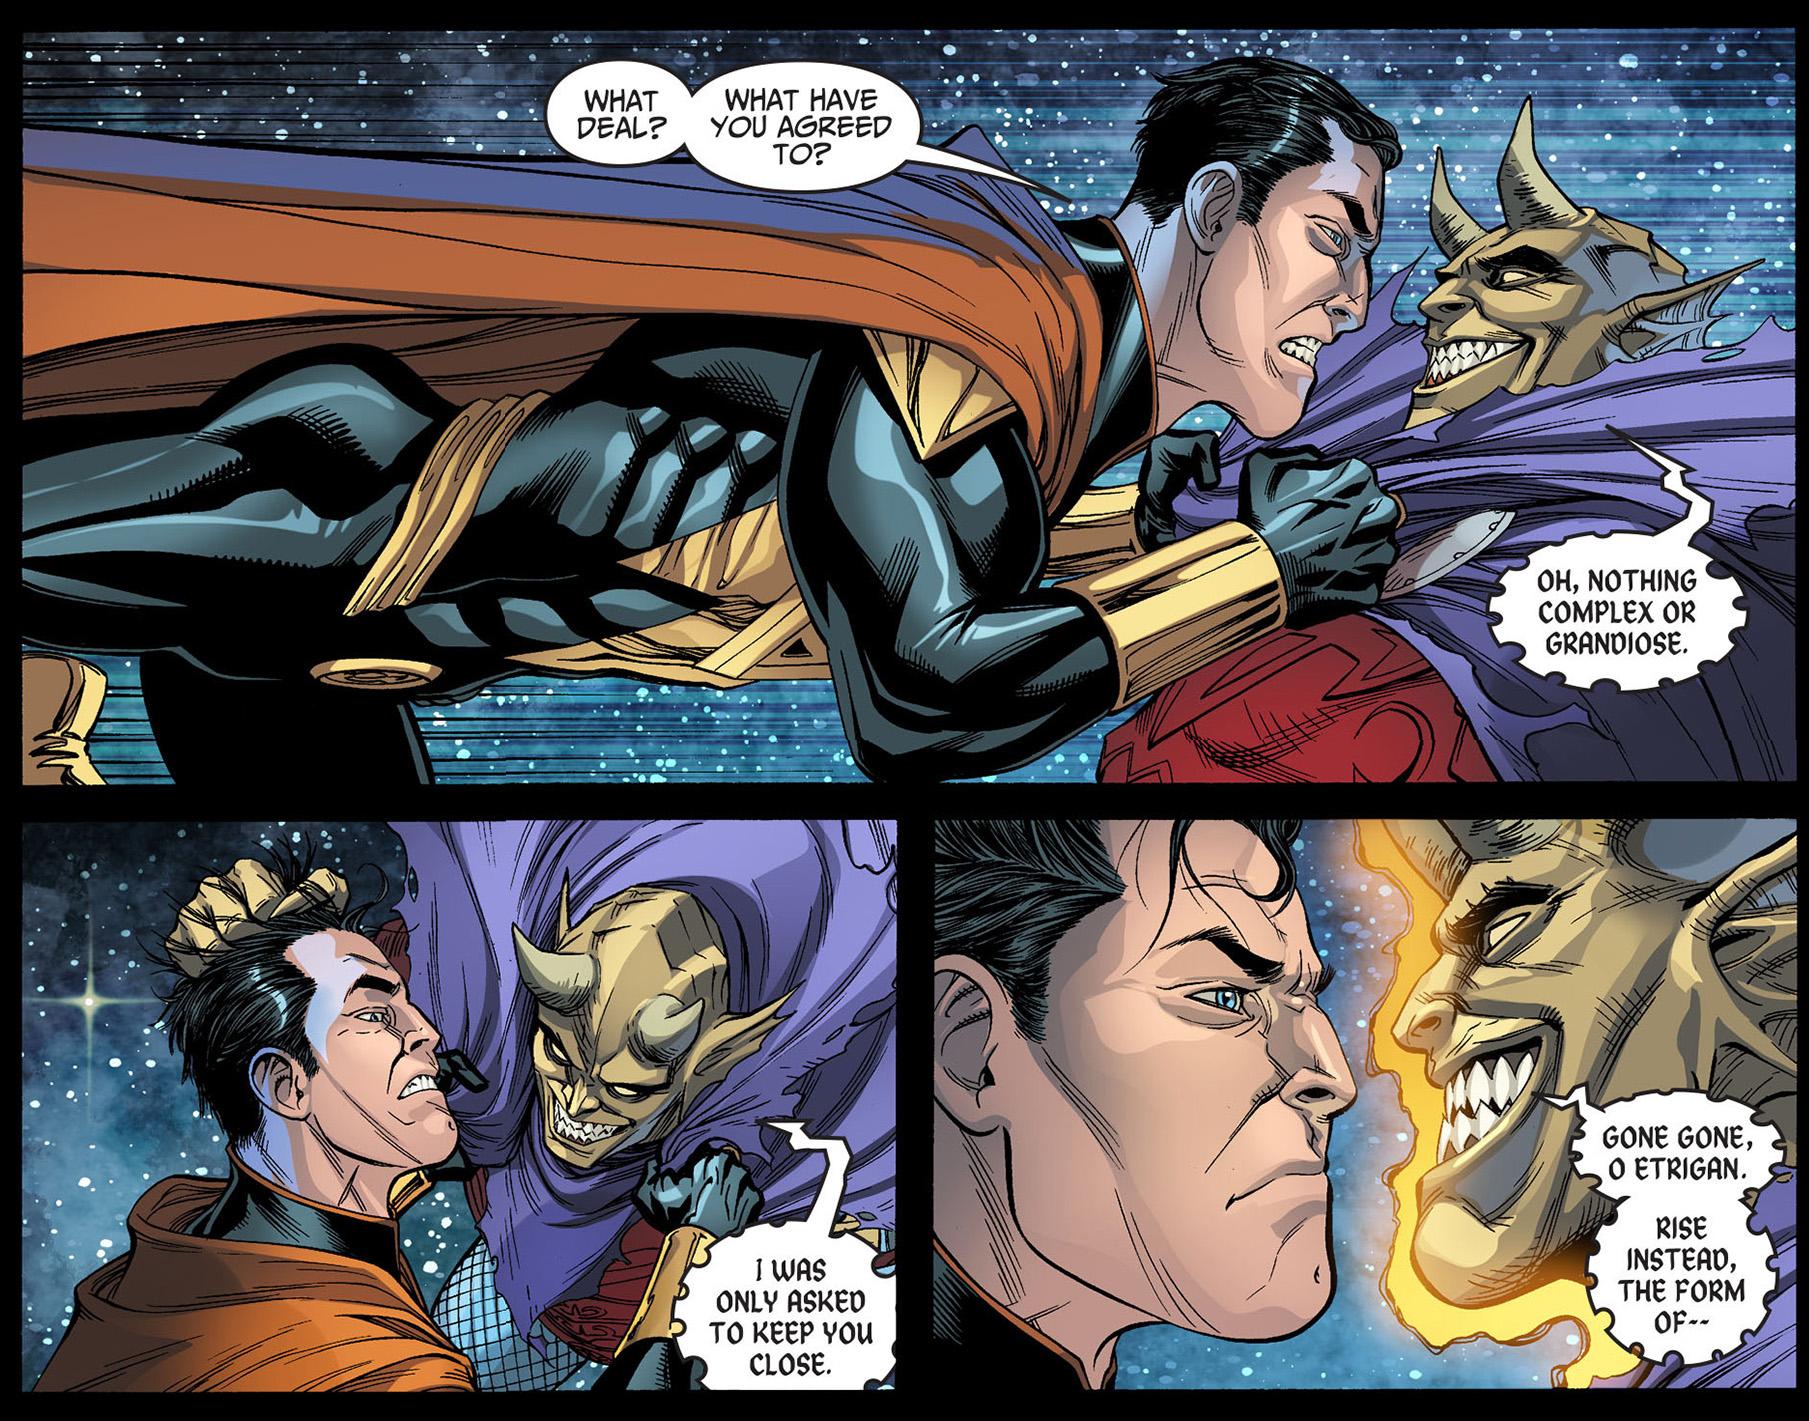 Etrigan Vs Superman Comic: Etrigan's New Host